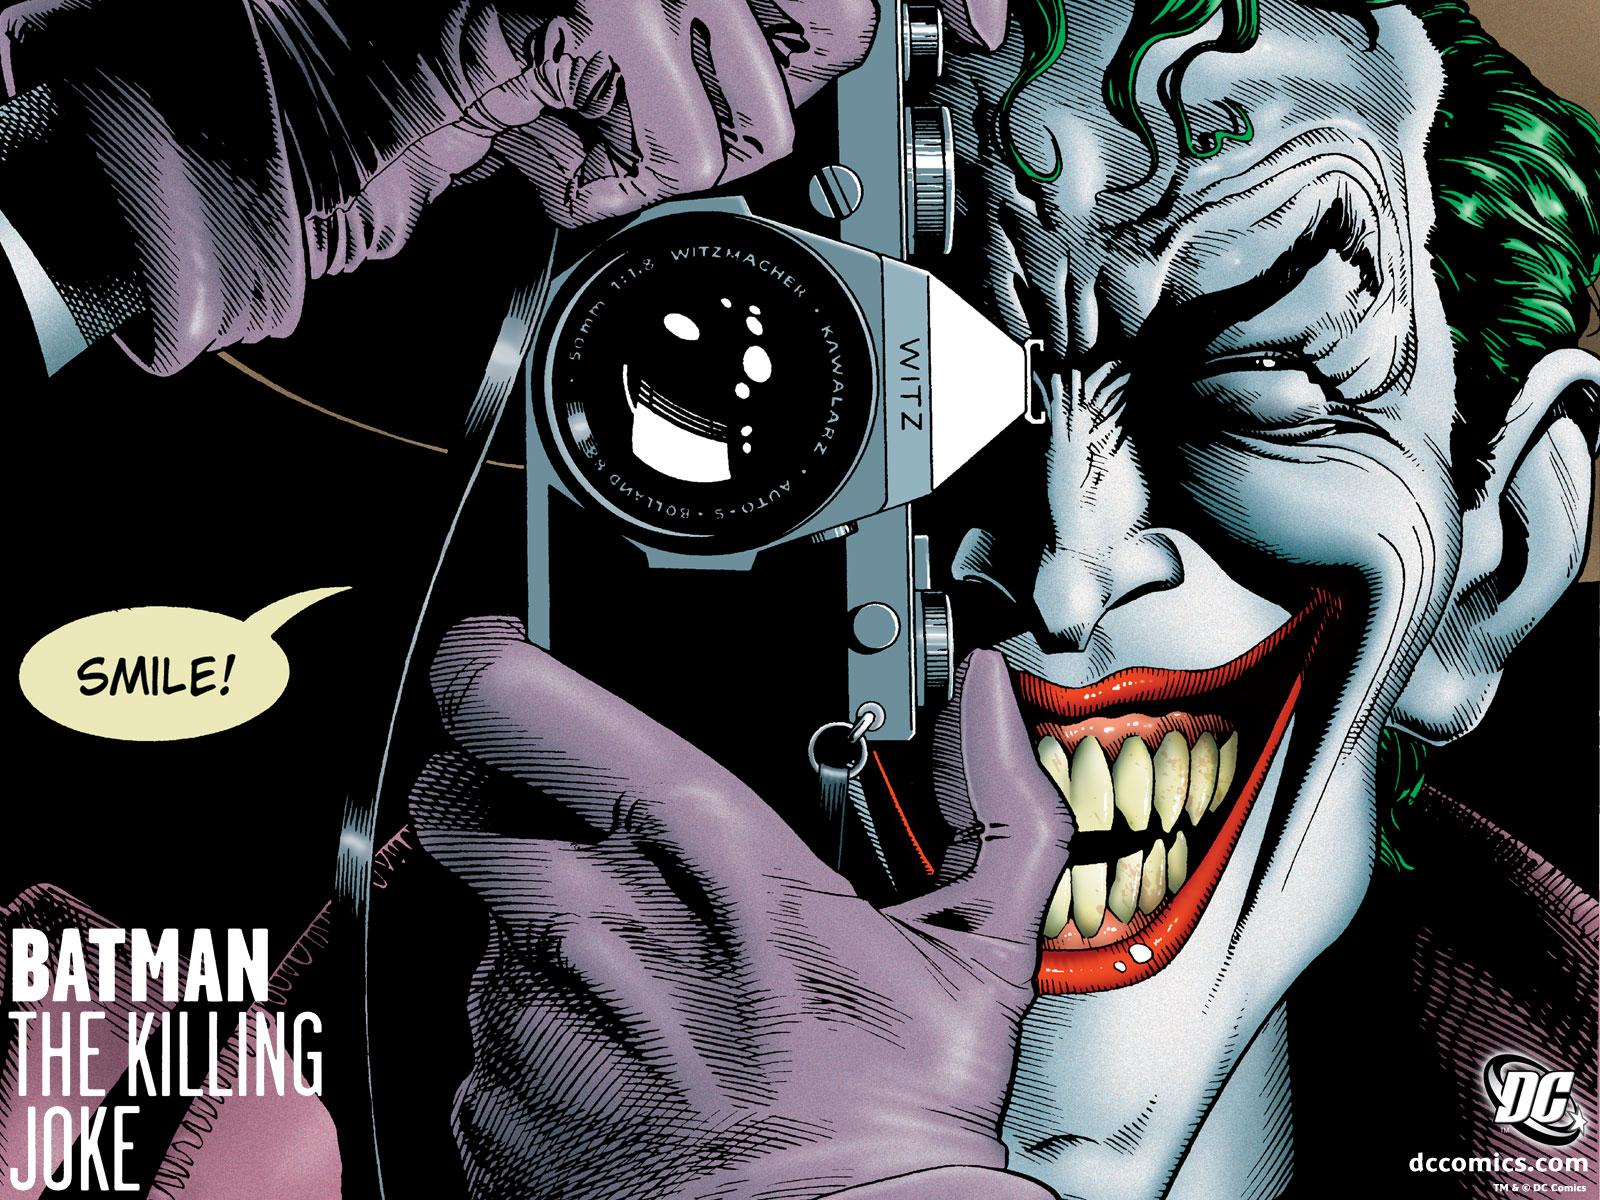 Batman The Killing Joke HD Comics Cover Wallpaper Cartoon Wallpapers 1600x1200